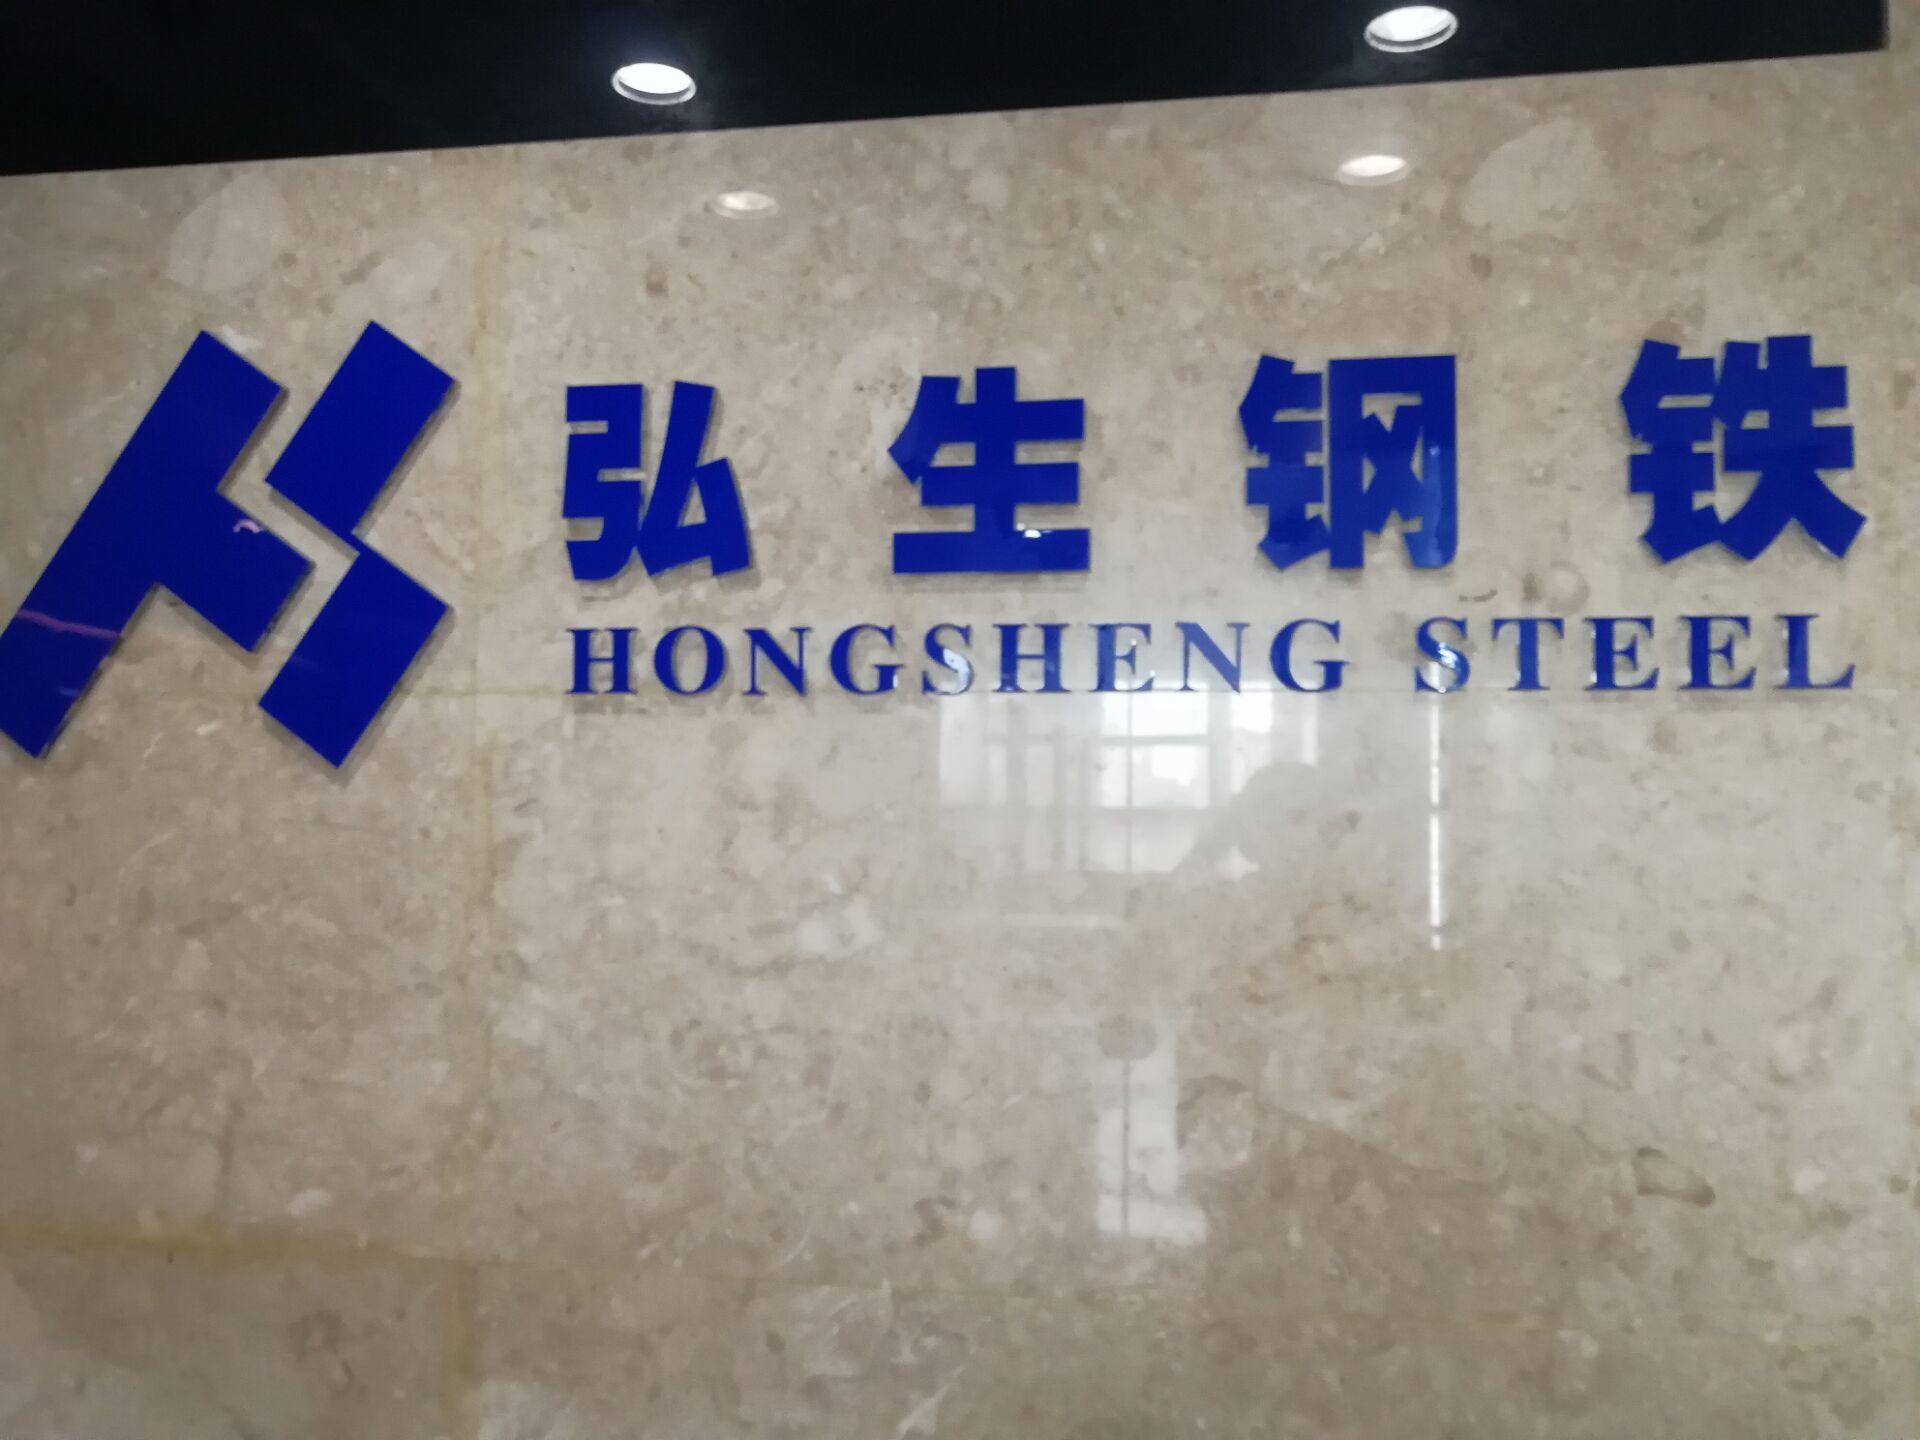 上海弘生钢铁贸易有限公司